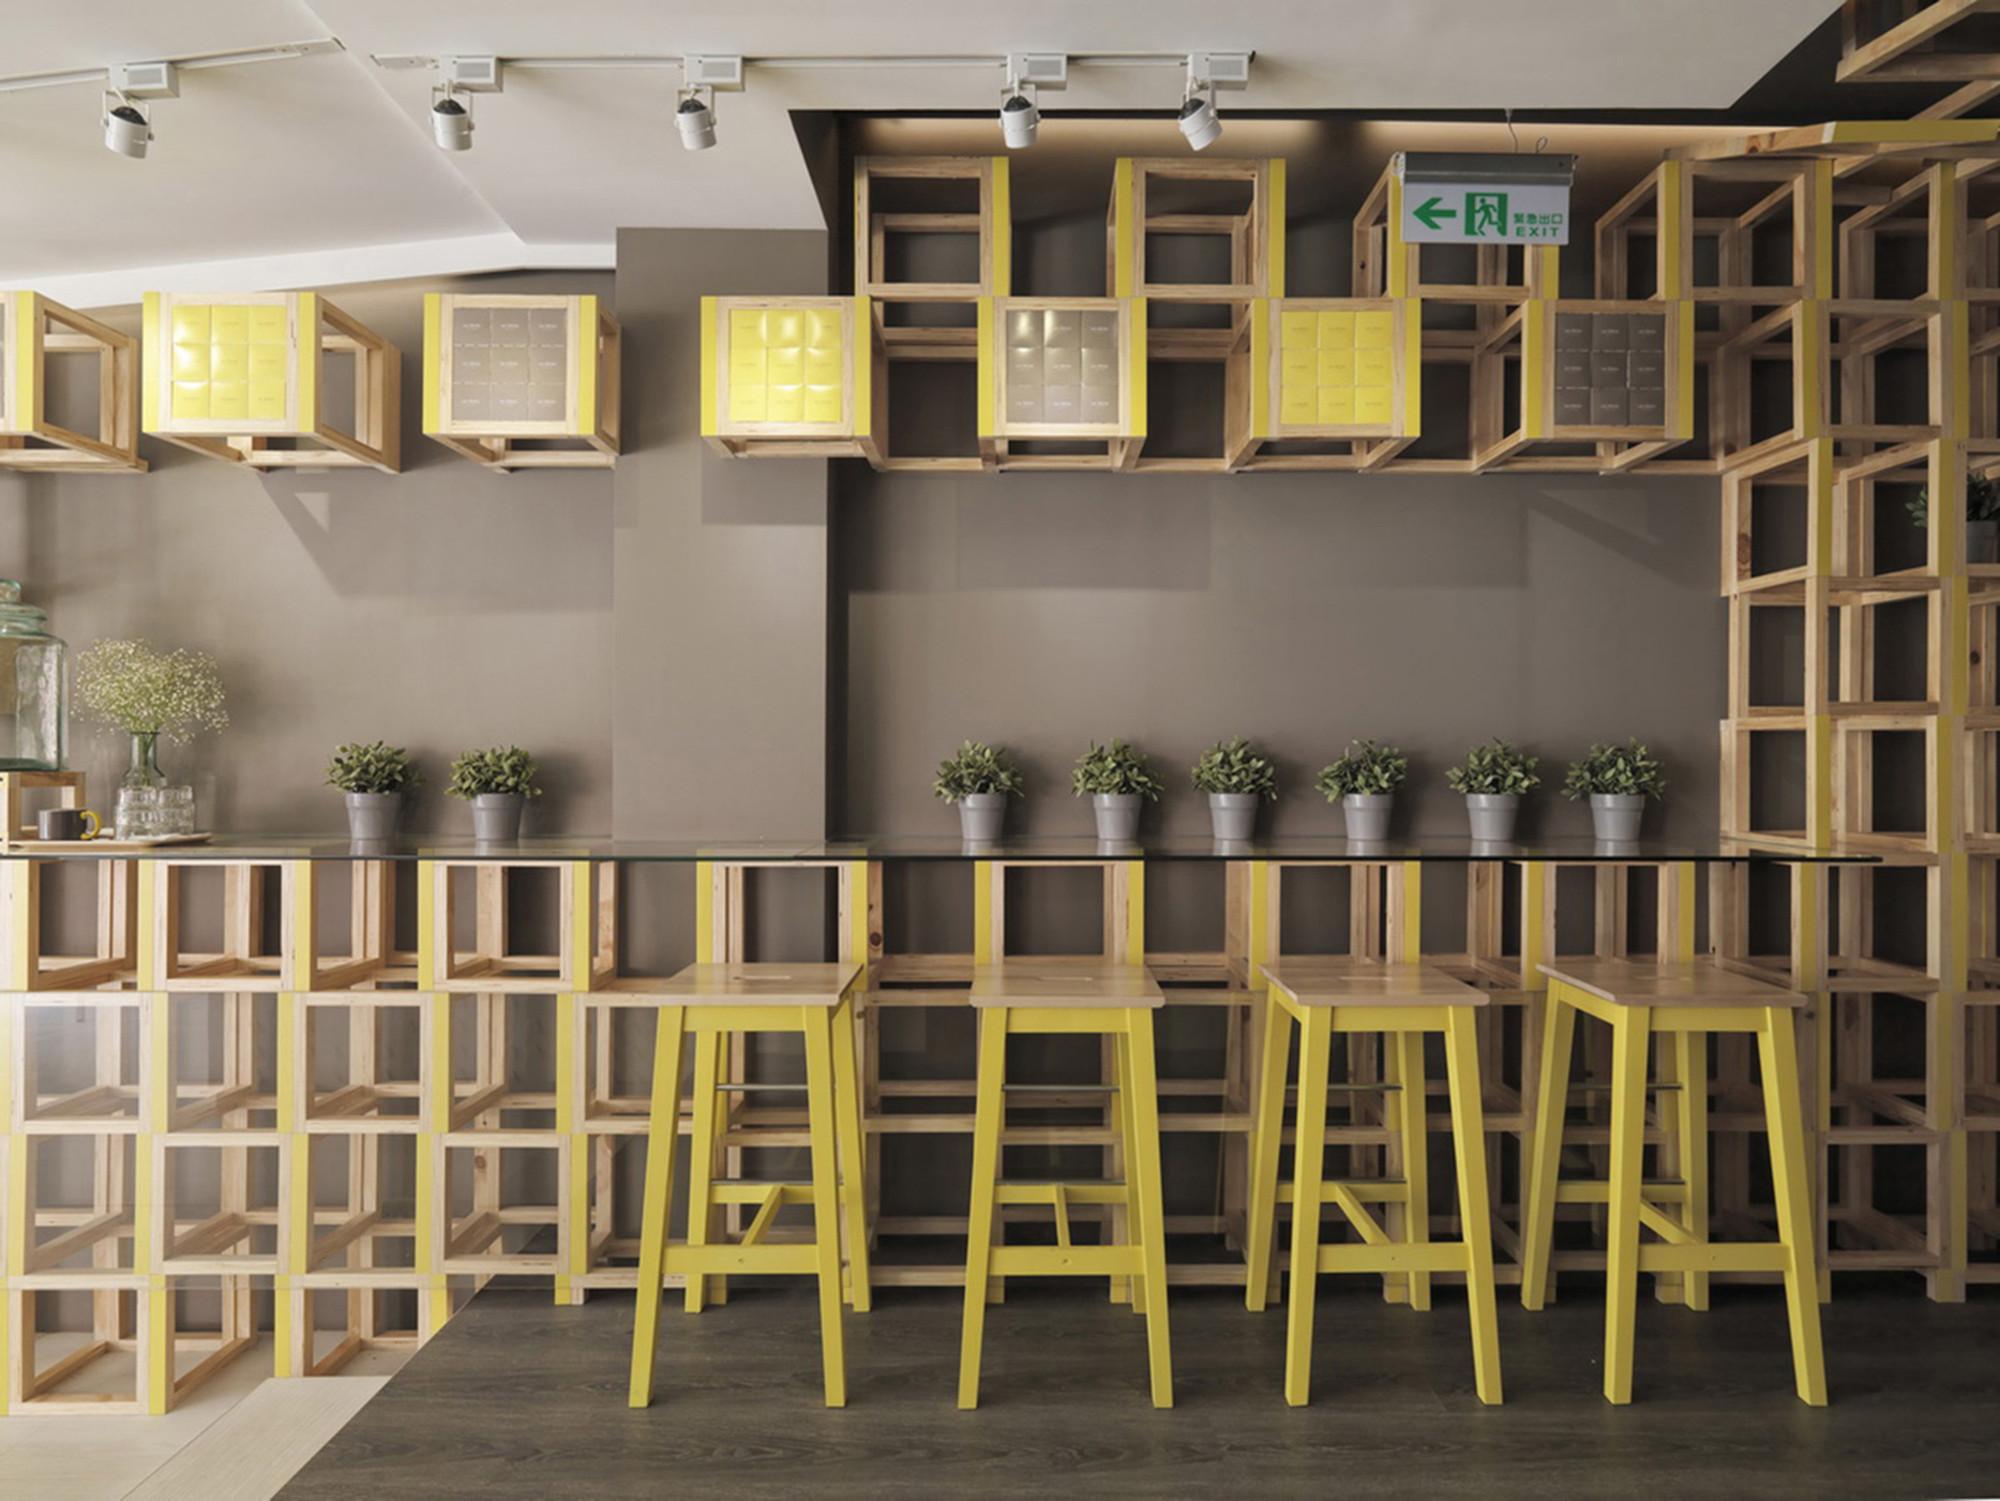 Les Bébés Cafe & Bar / JC Architecture, © Kyle You